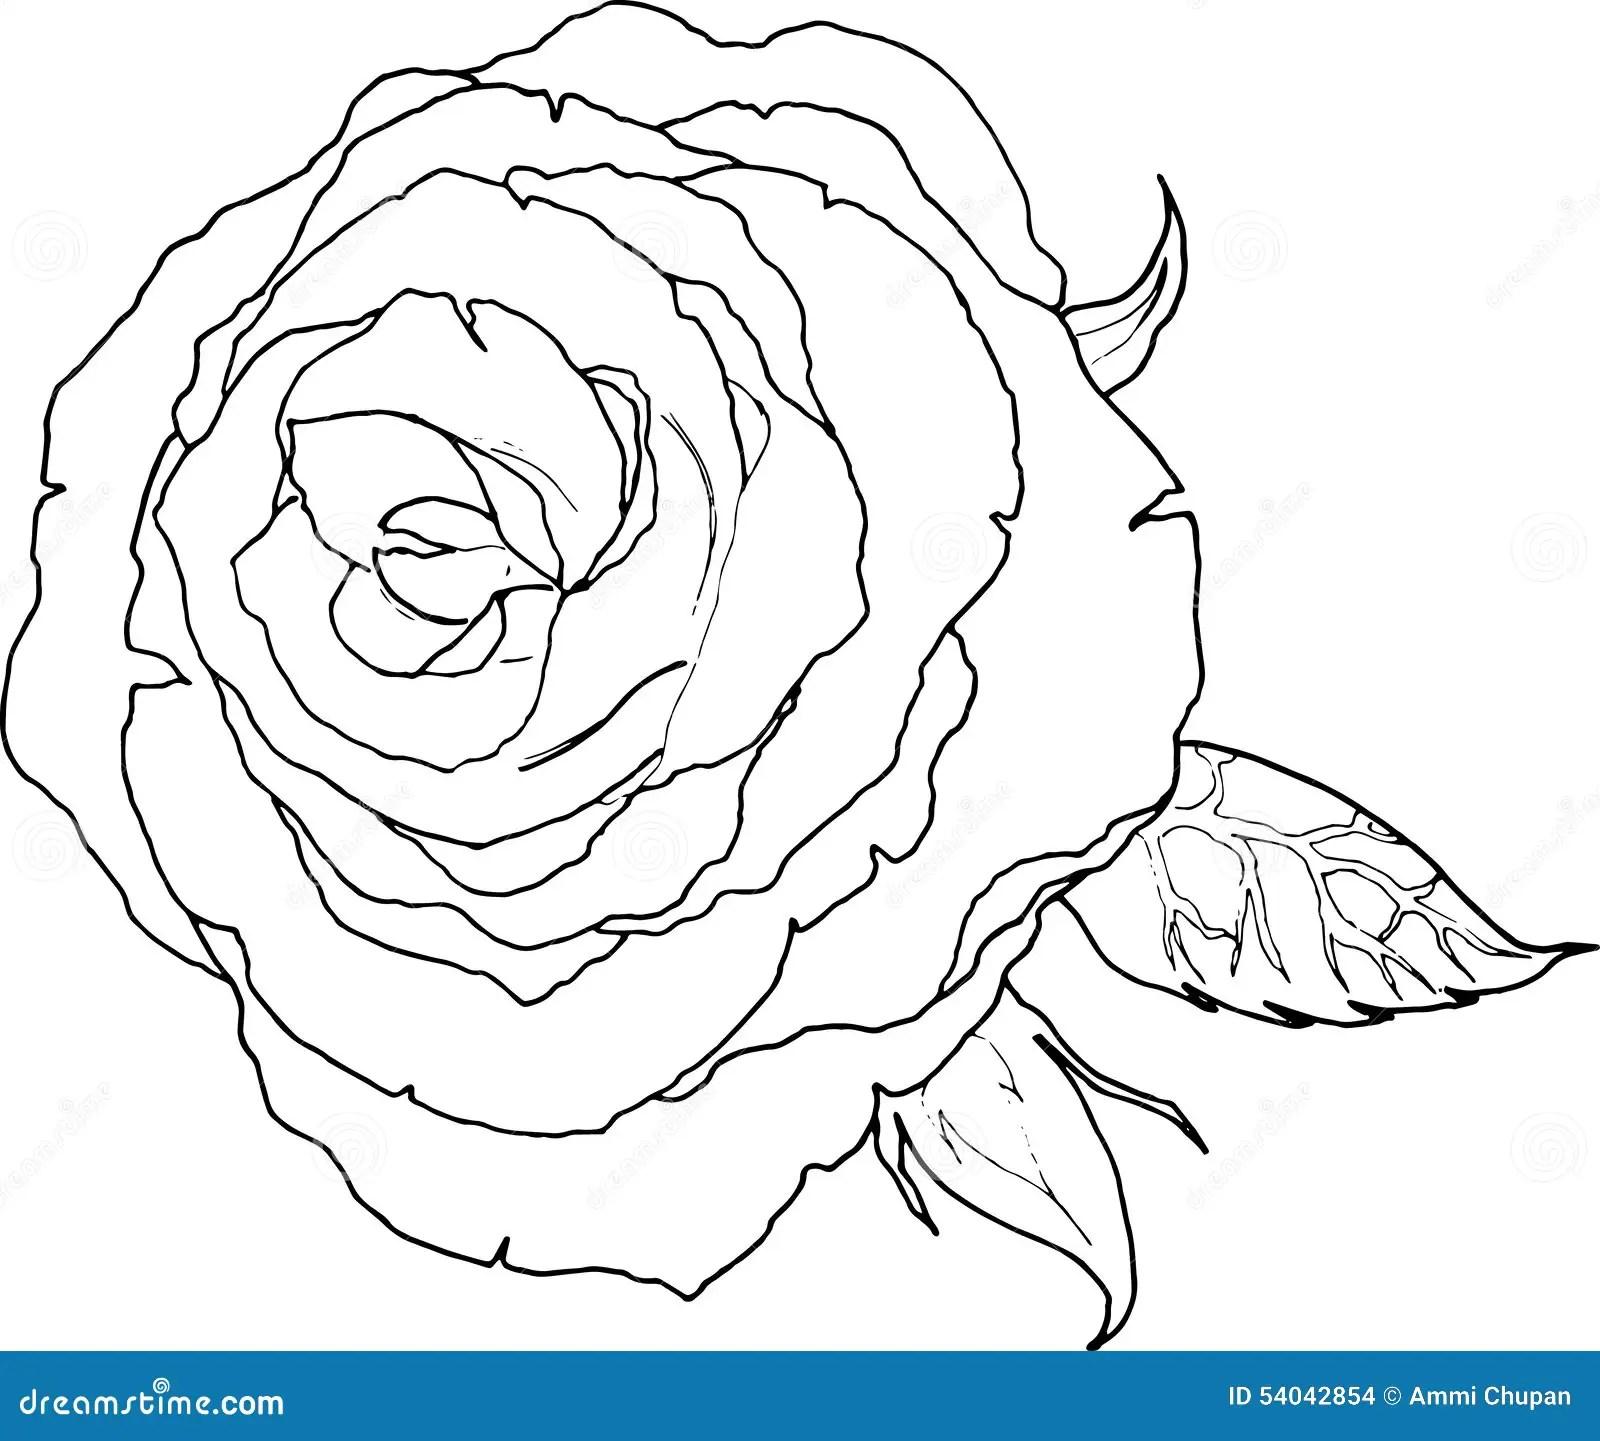 Dessin De Schema D Une Couleur Noire Et Blanche De Fleur